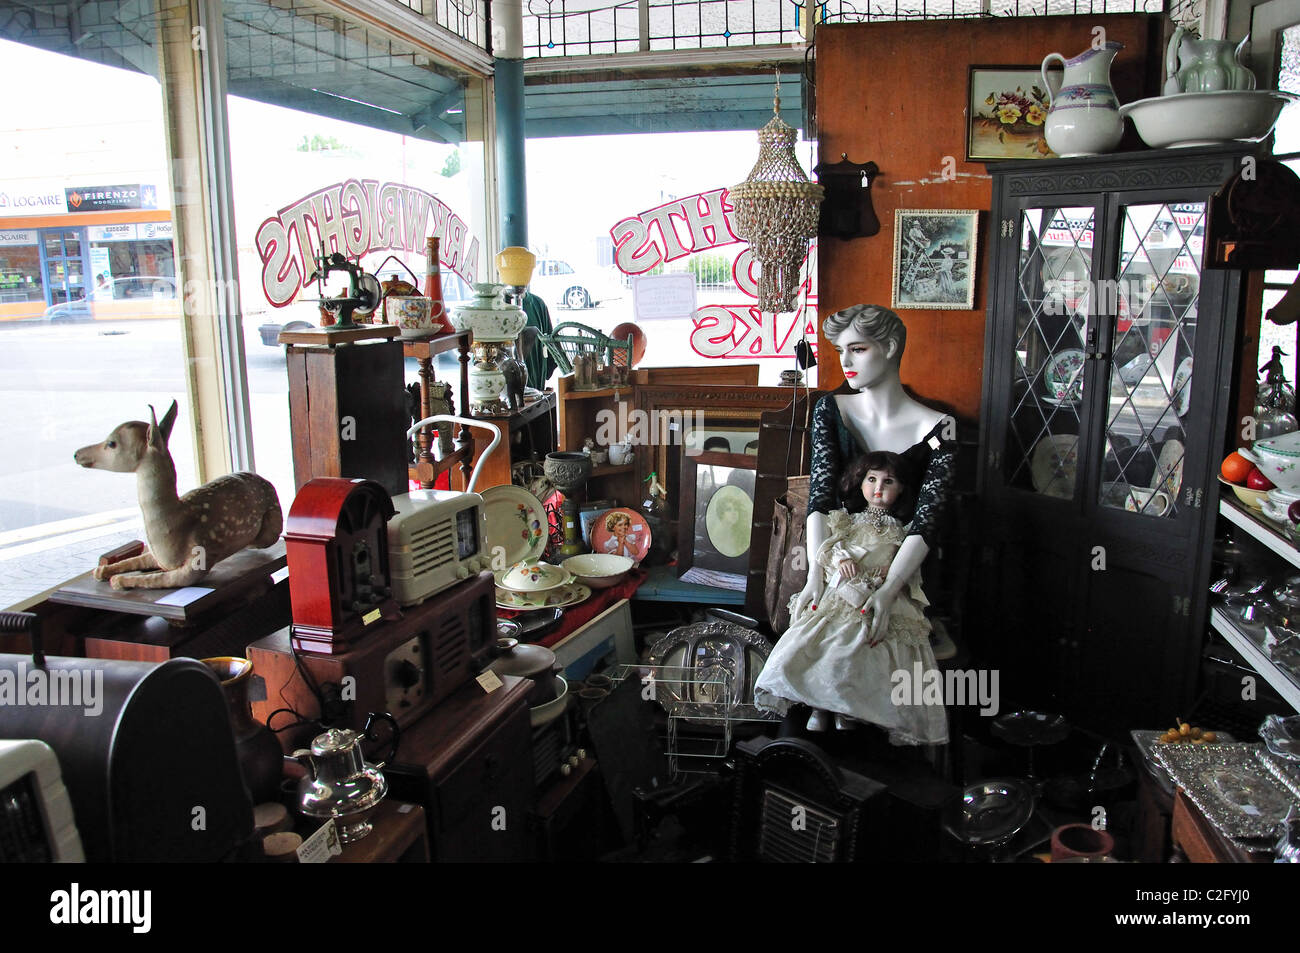 Antique Shop Arkwrights intérieur, Belmont Road, Paeroa, de la région de Waikato, Nouvelle-Zélande, Photo Stock